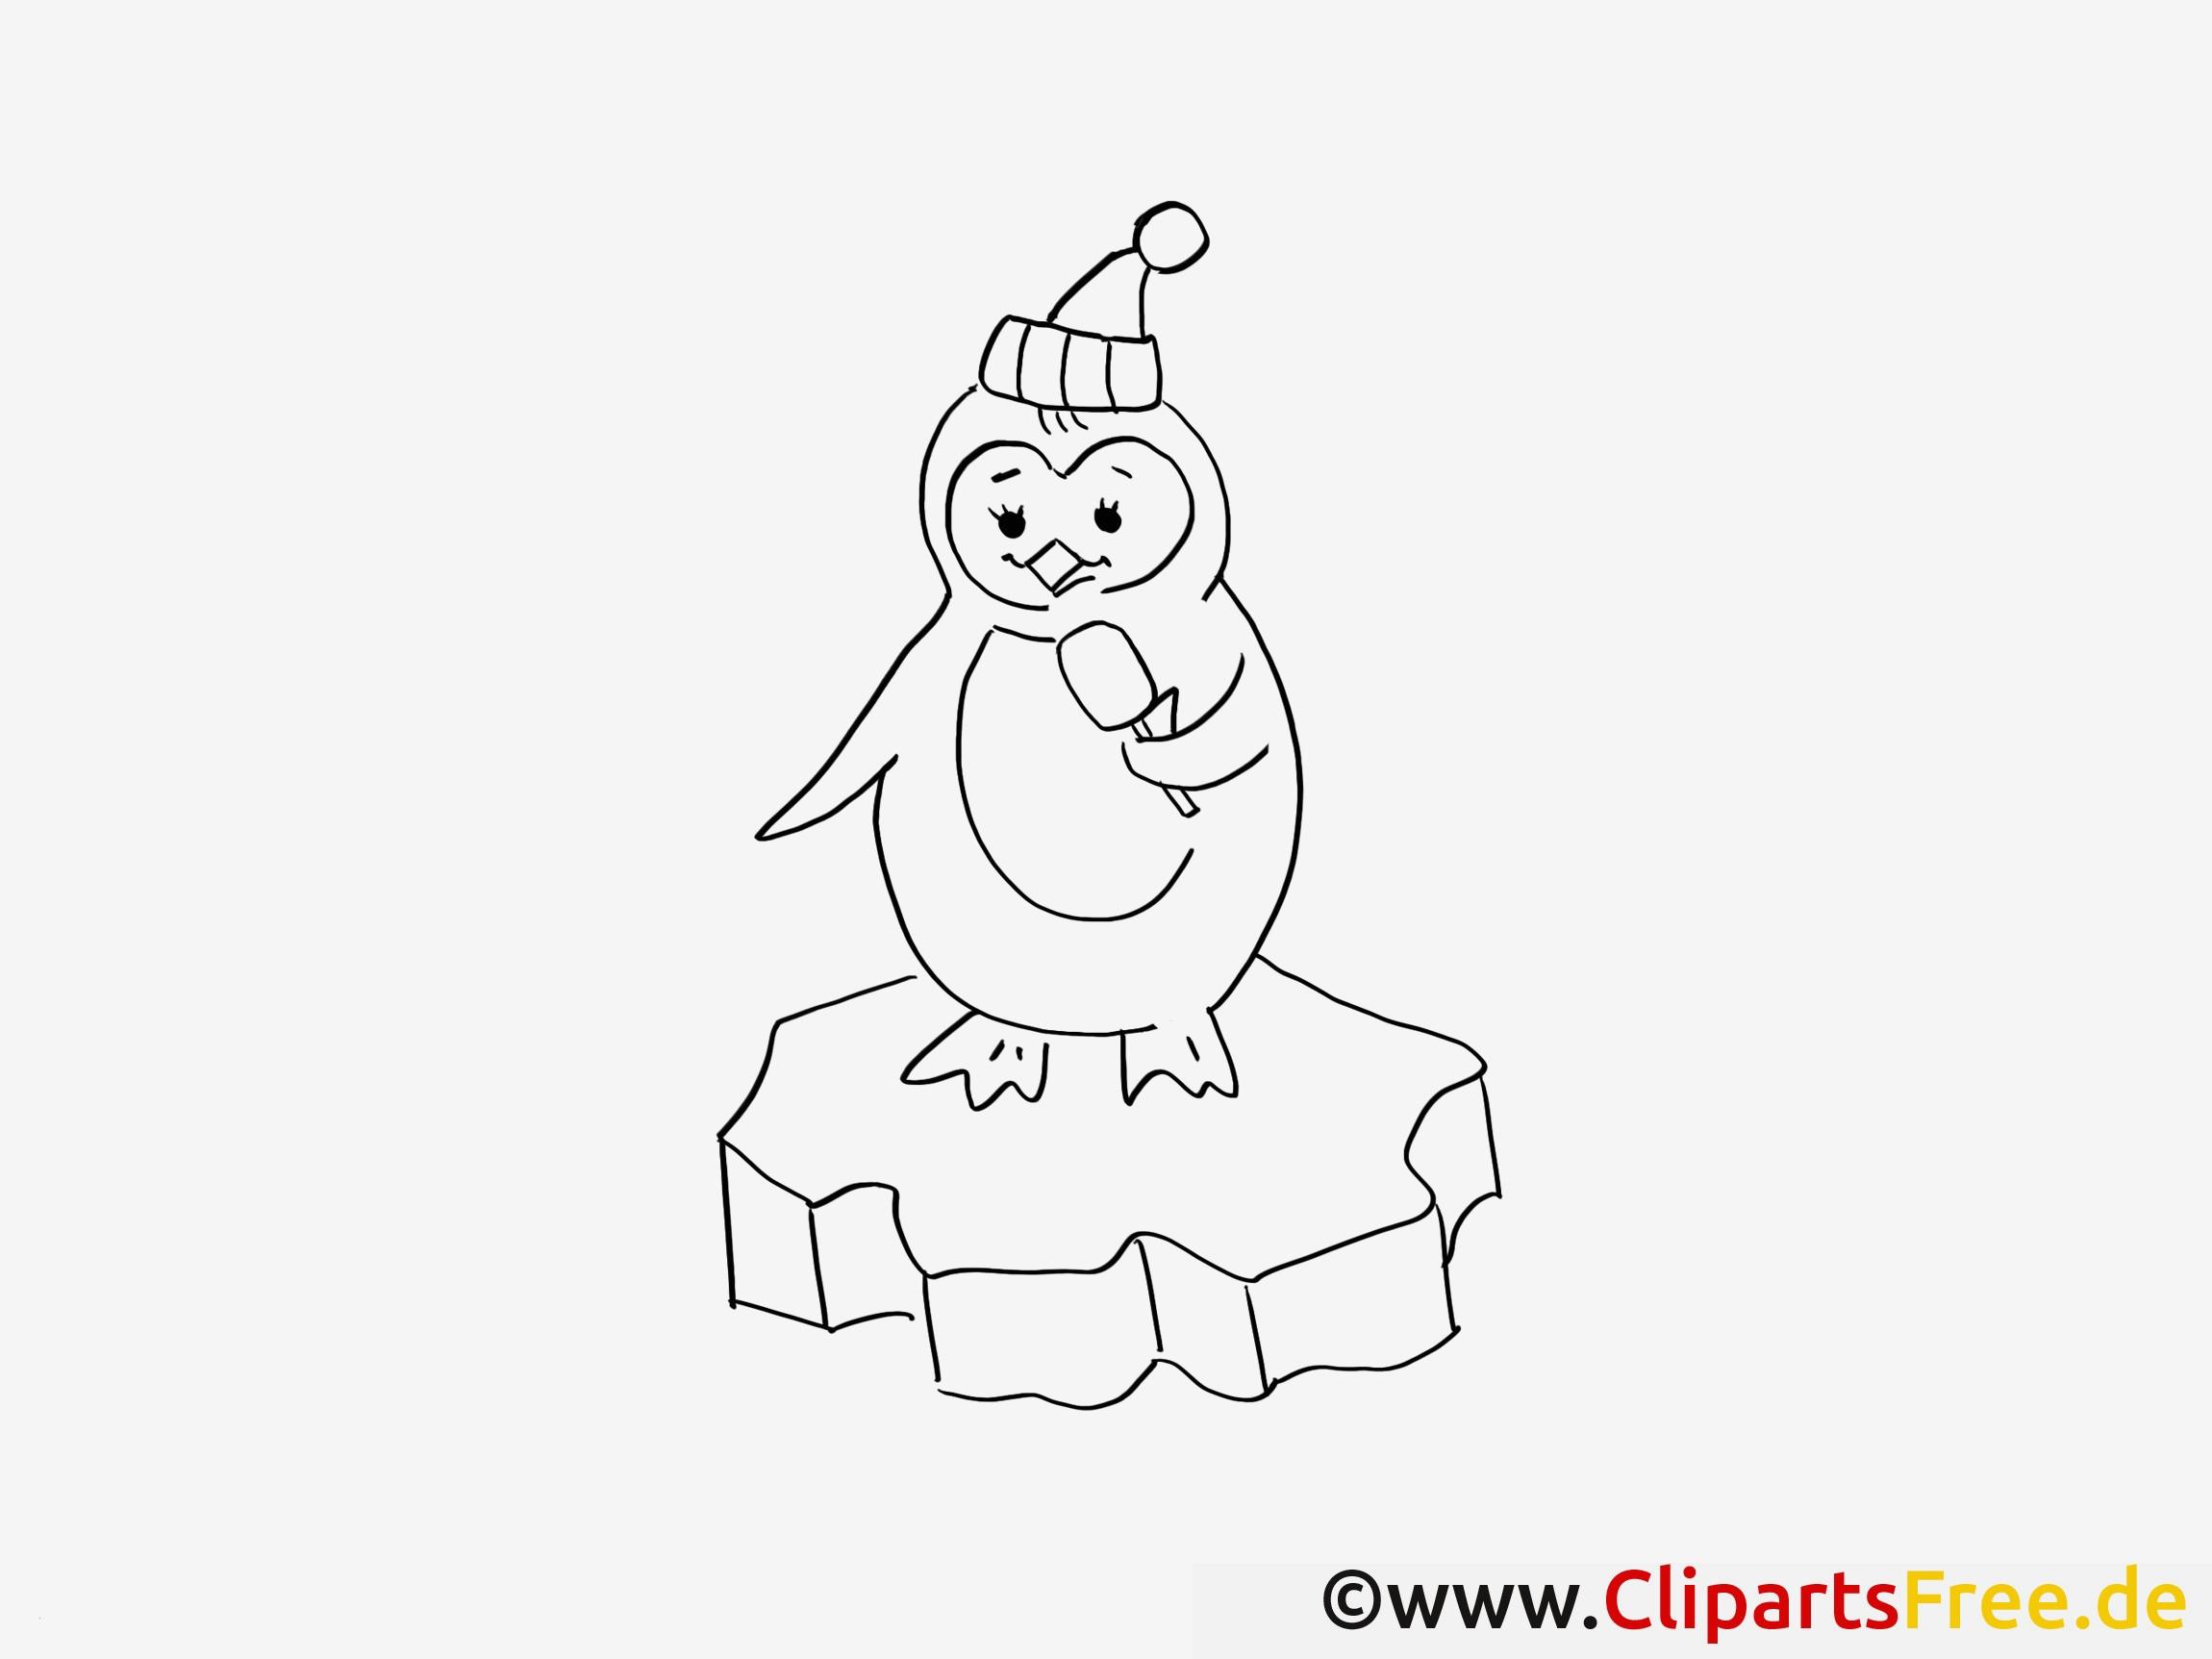 Einhorn Bilder Zum Ausmalen Frisch Malvorlagen Kostenlos Einhorn Bilder Zum Ausmalen Bekommen Pinguin Das Bild